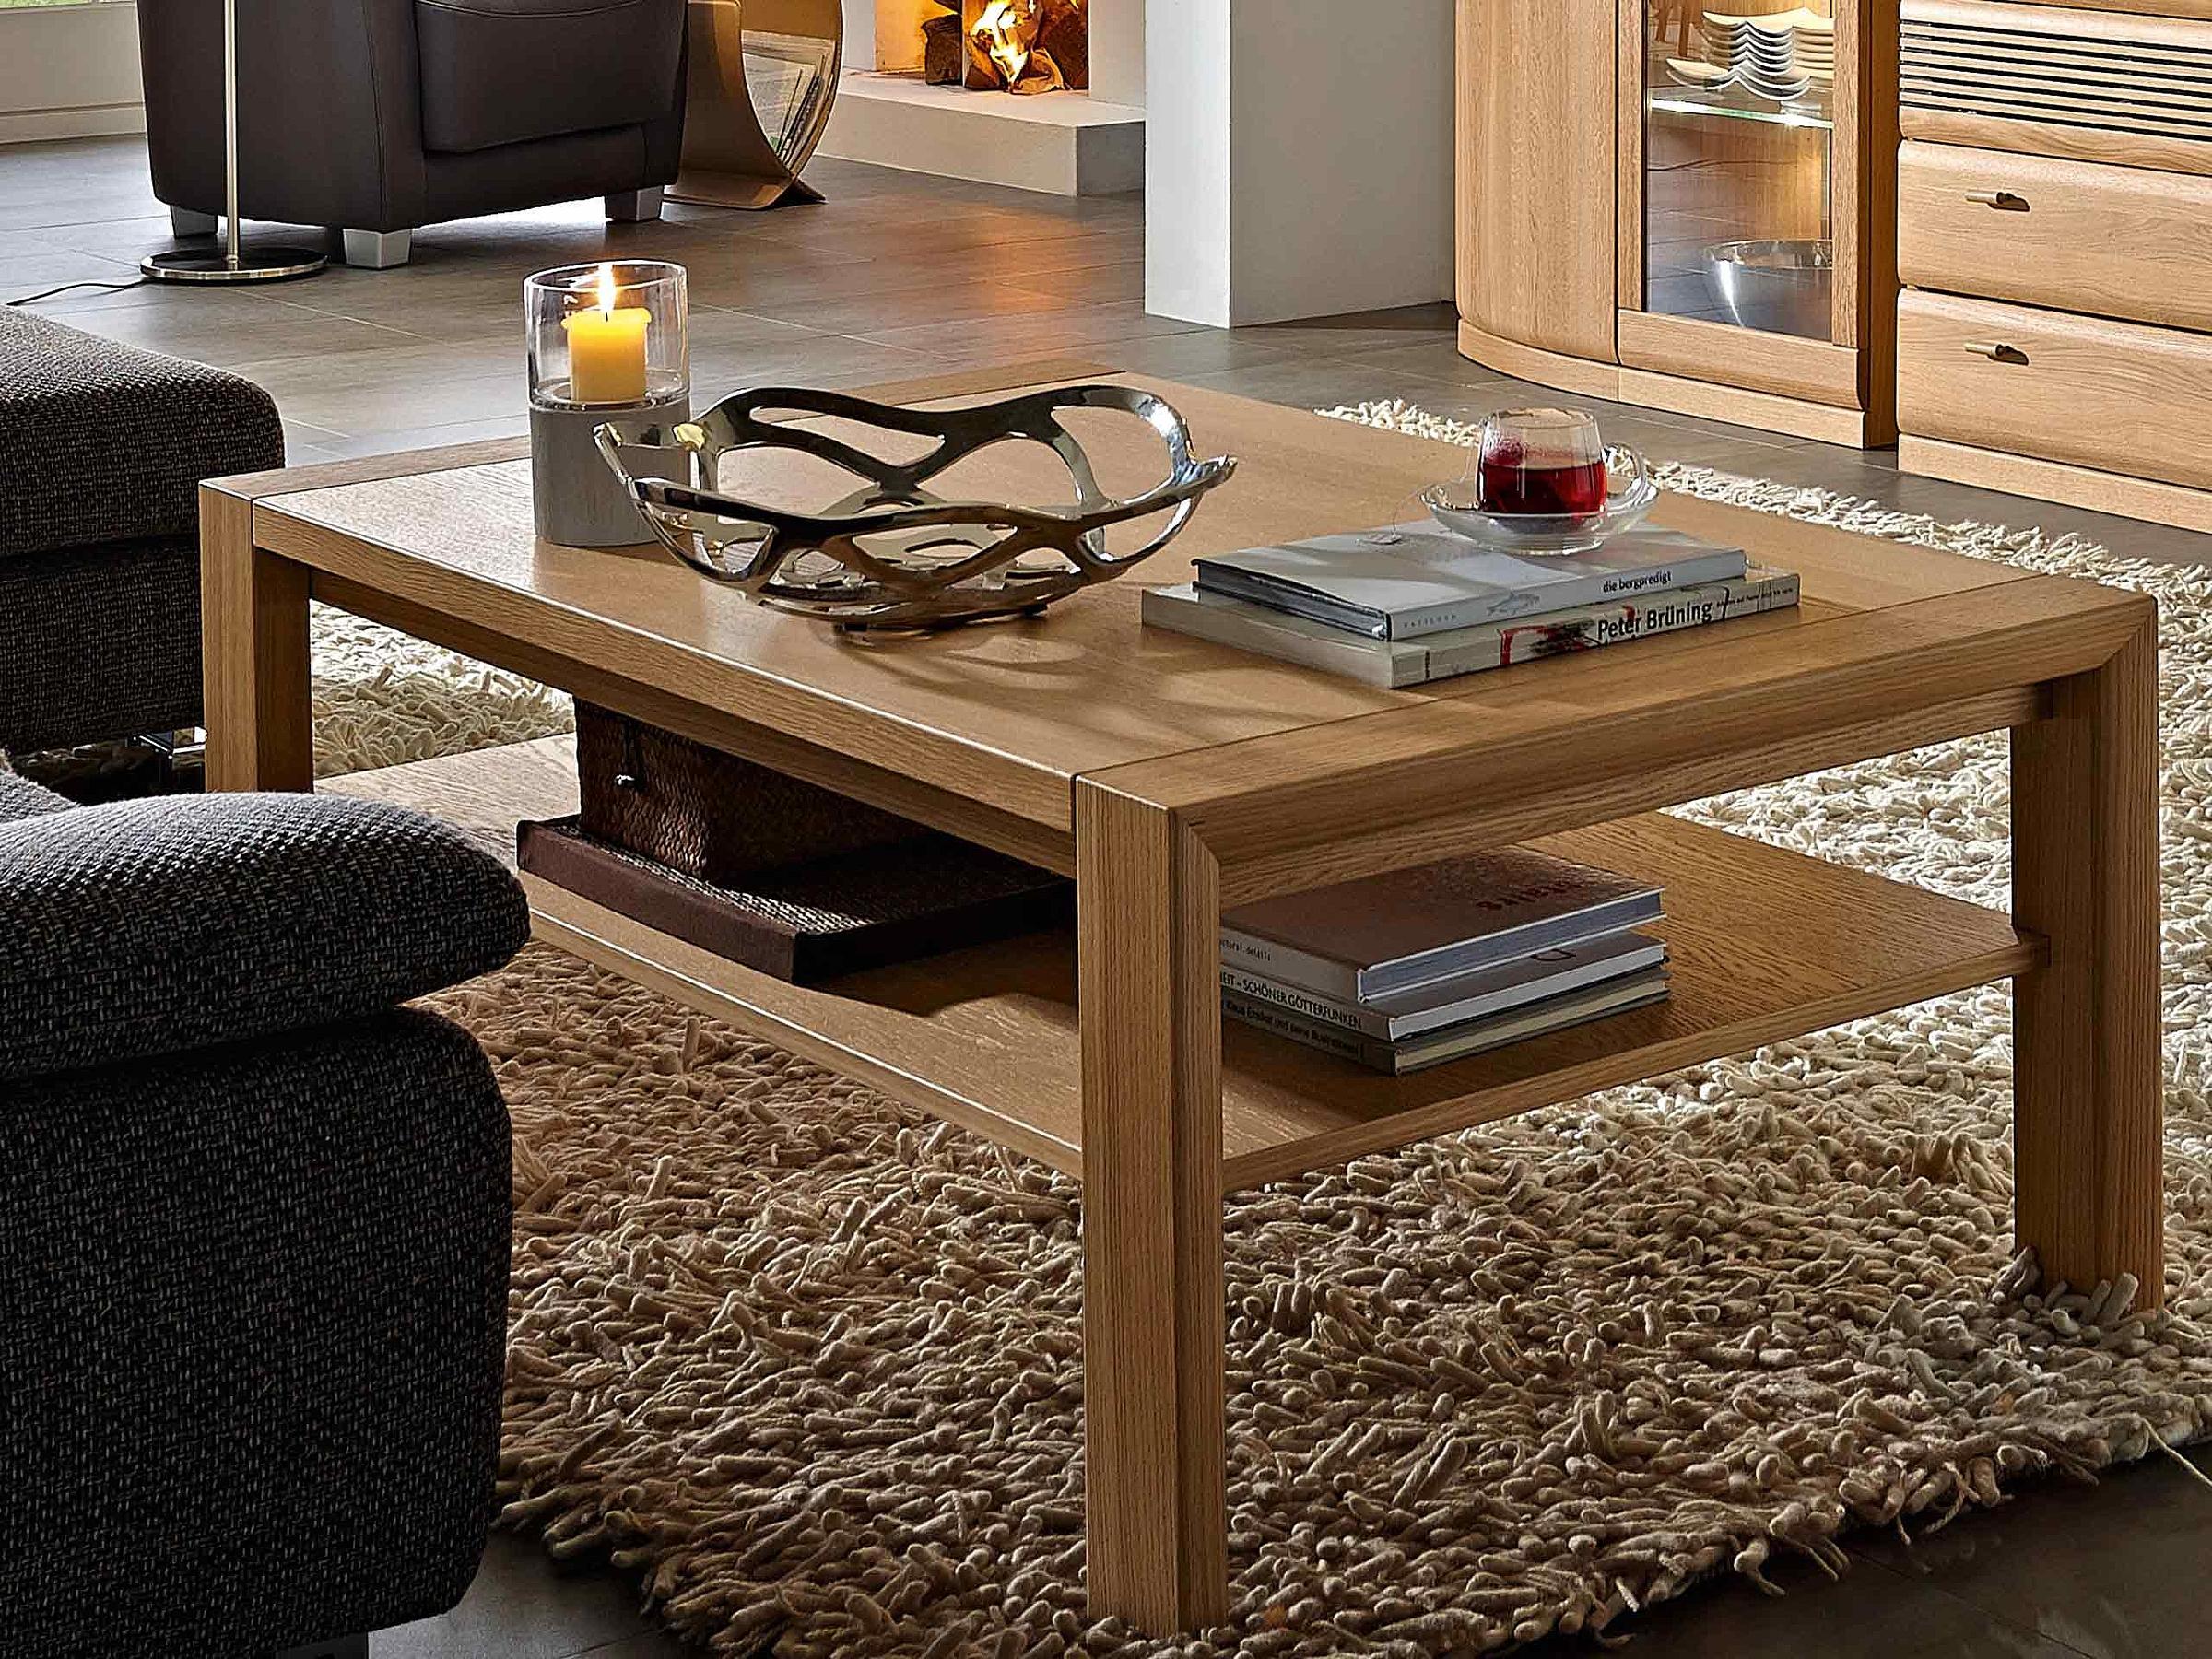 Couchtisch Wohnzimmer Opus Malta Holz Eiche sand